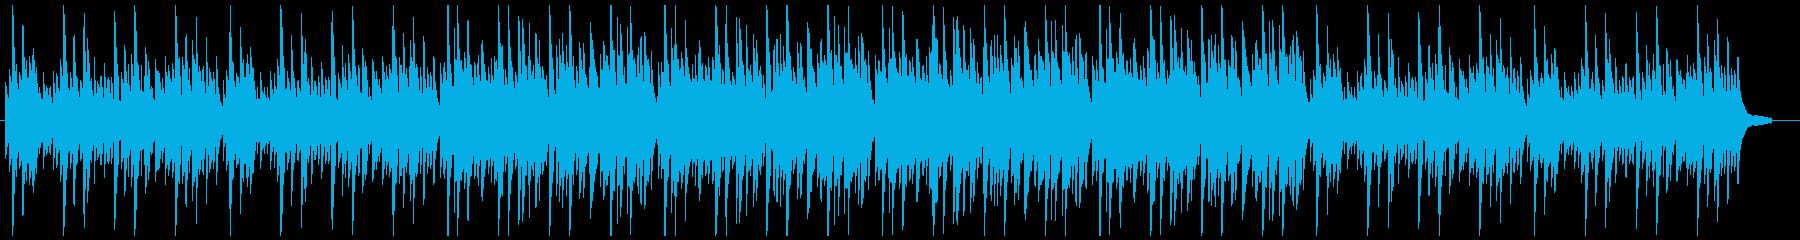 奇妙な緊張感:ピアノソロ劇伴の再生済みの波形